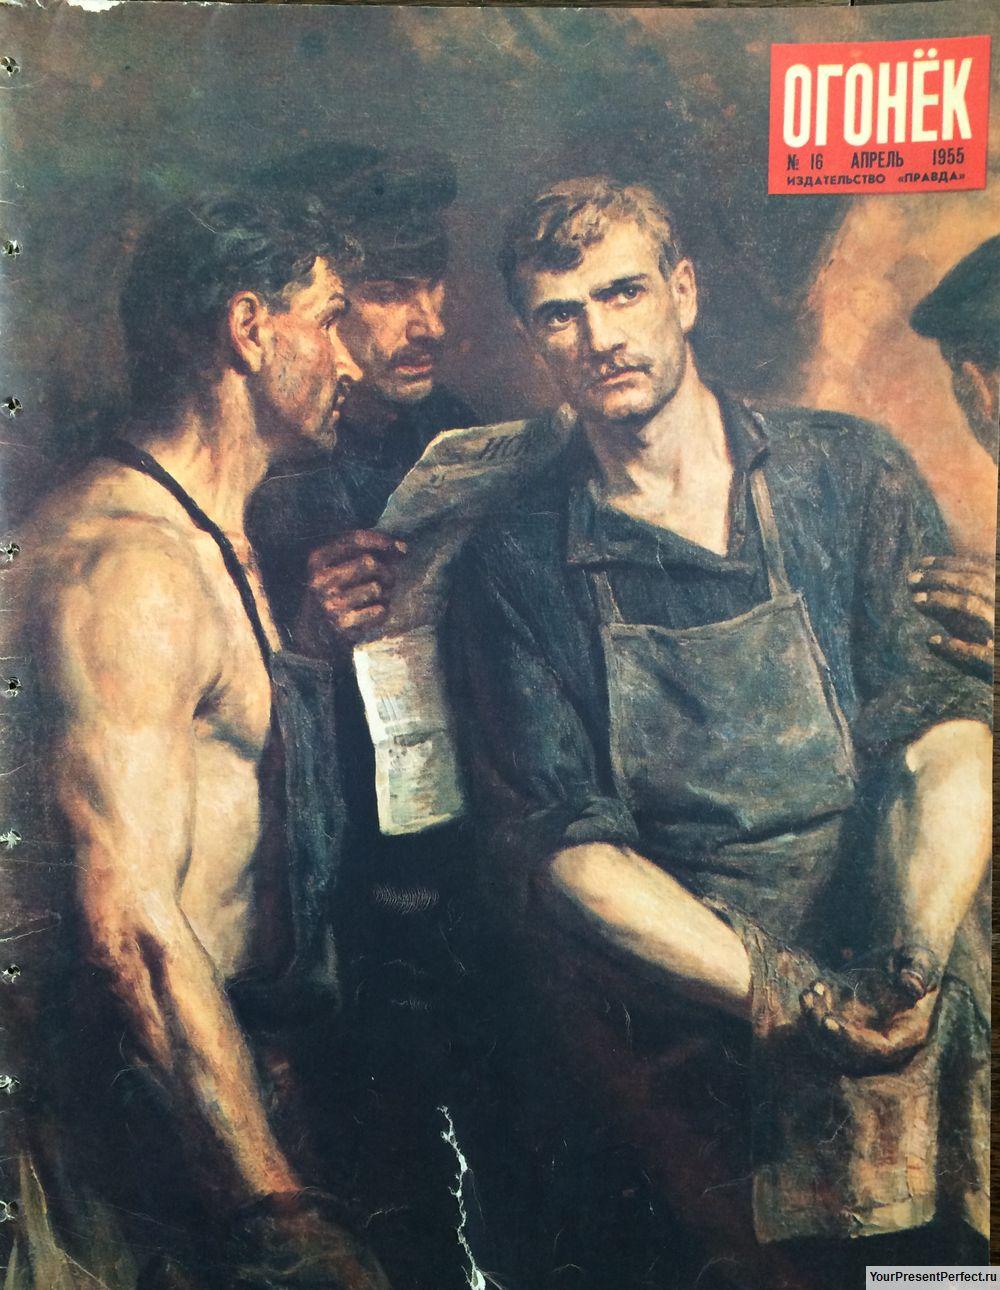 Журнал Огонек №16 апрель 1955